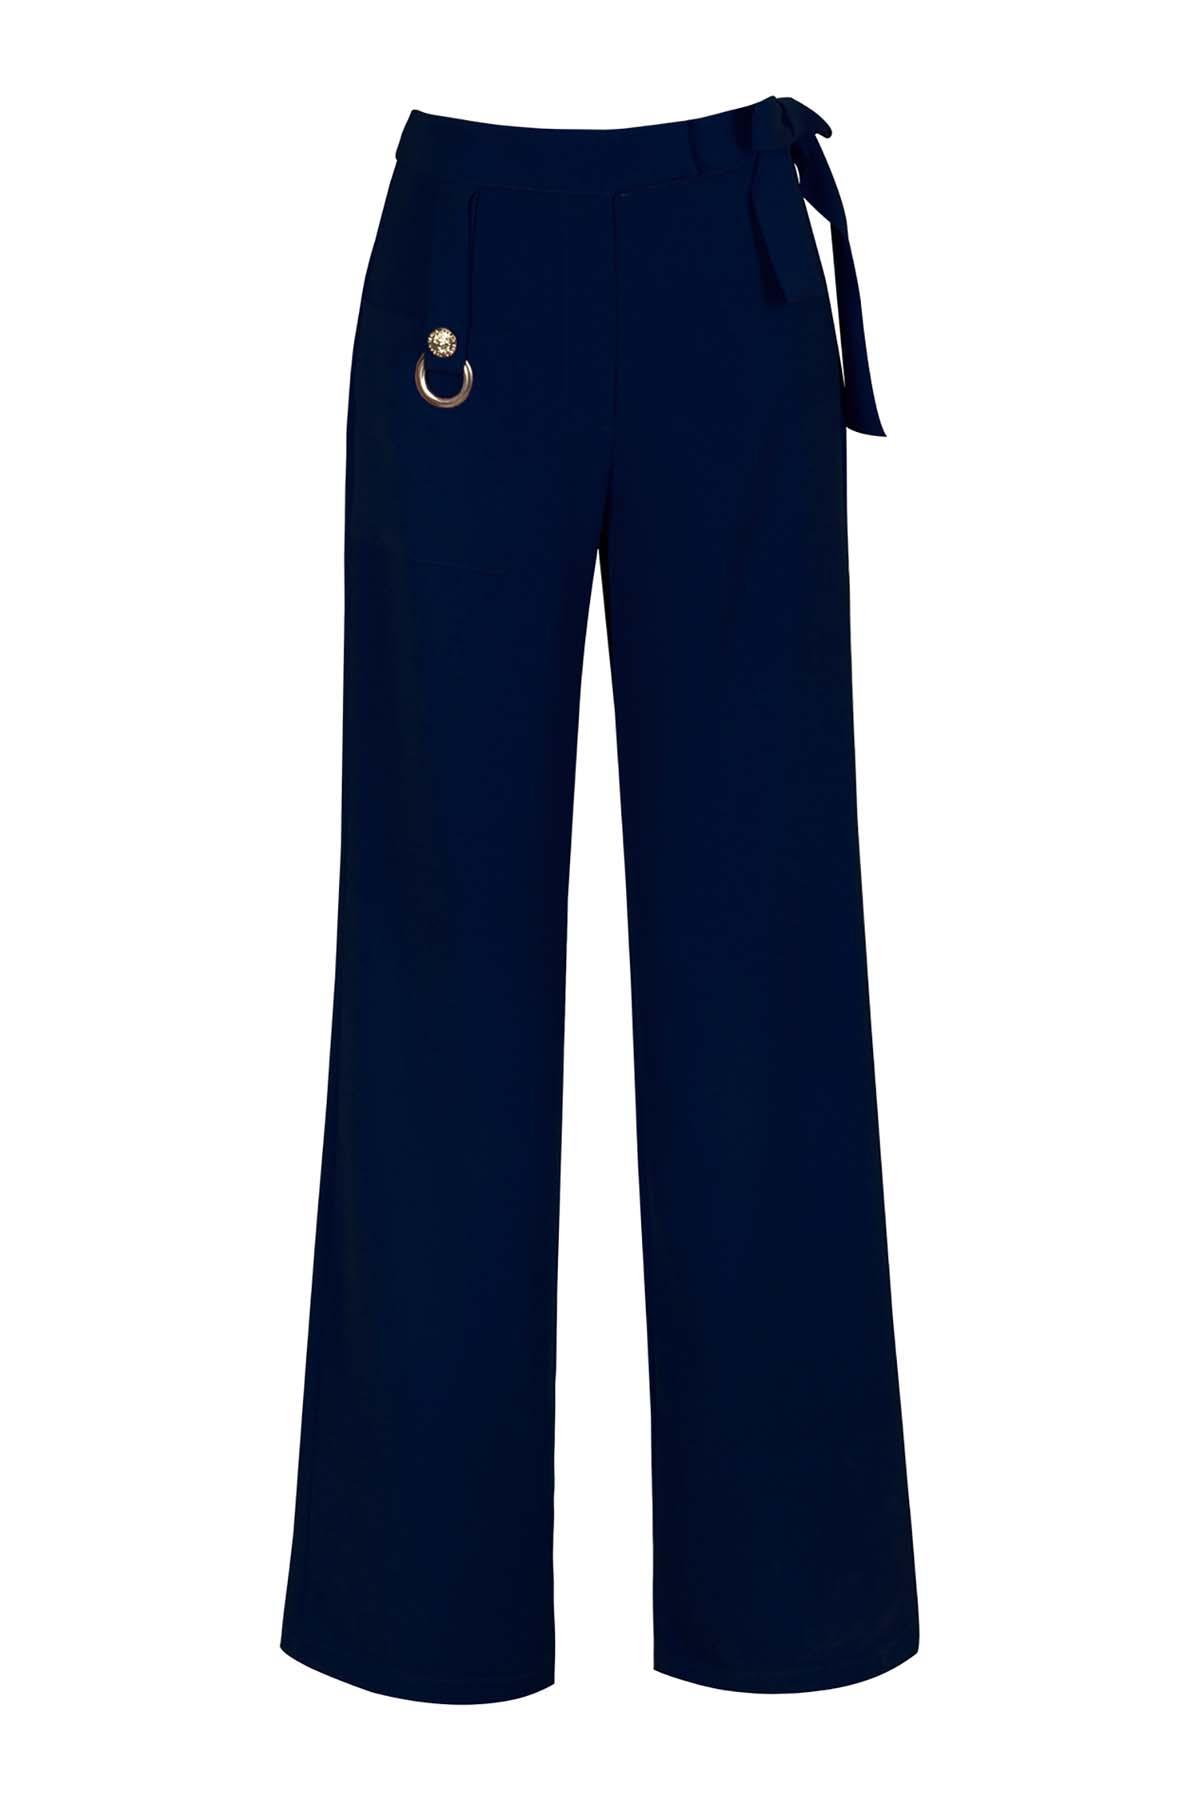 Teria Yabar - Pantalón azul recto